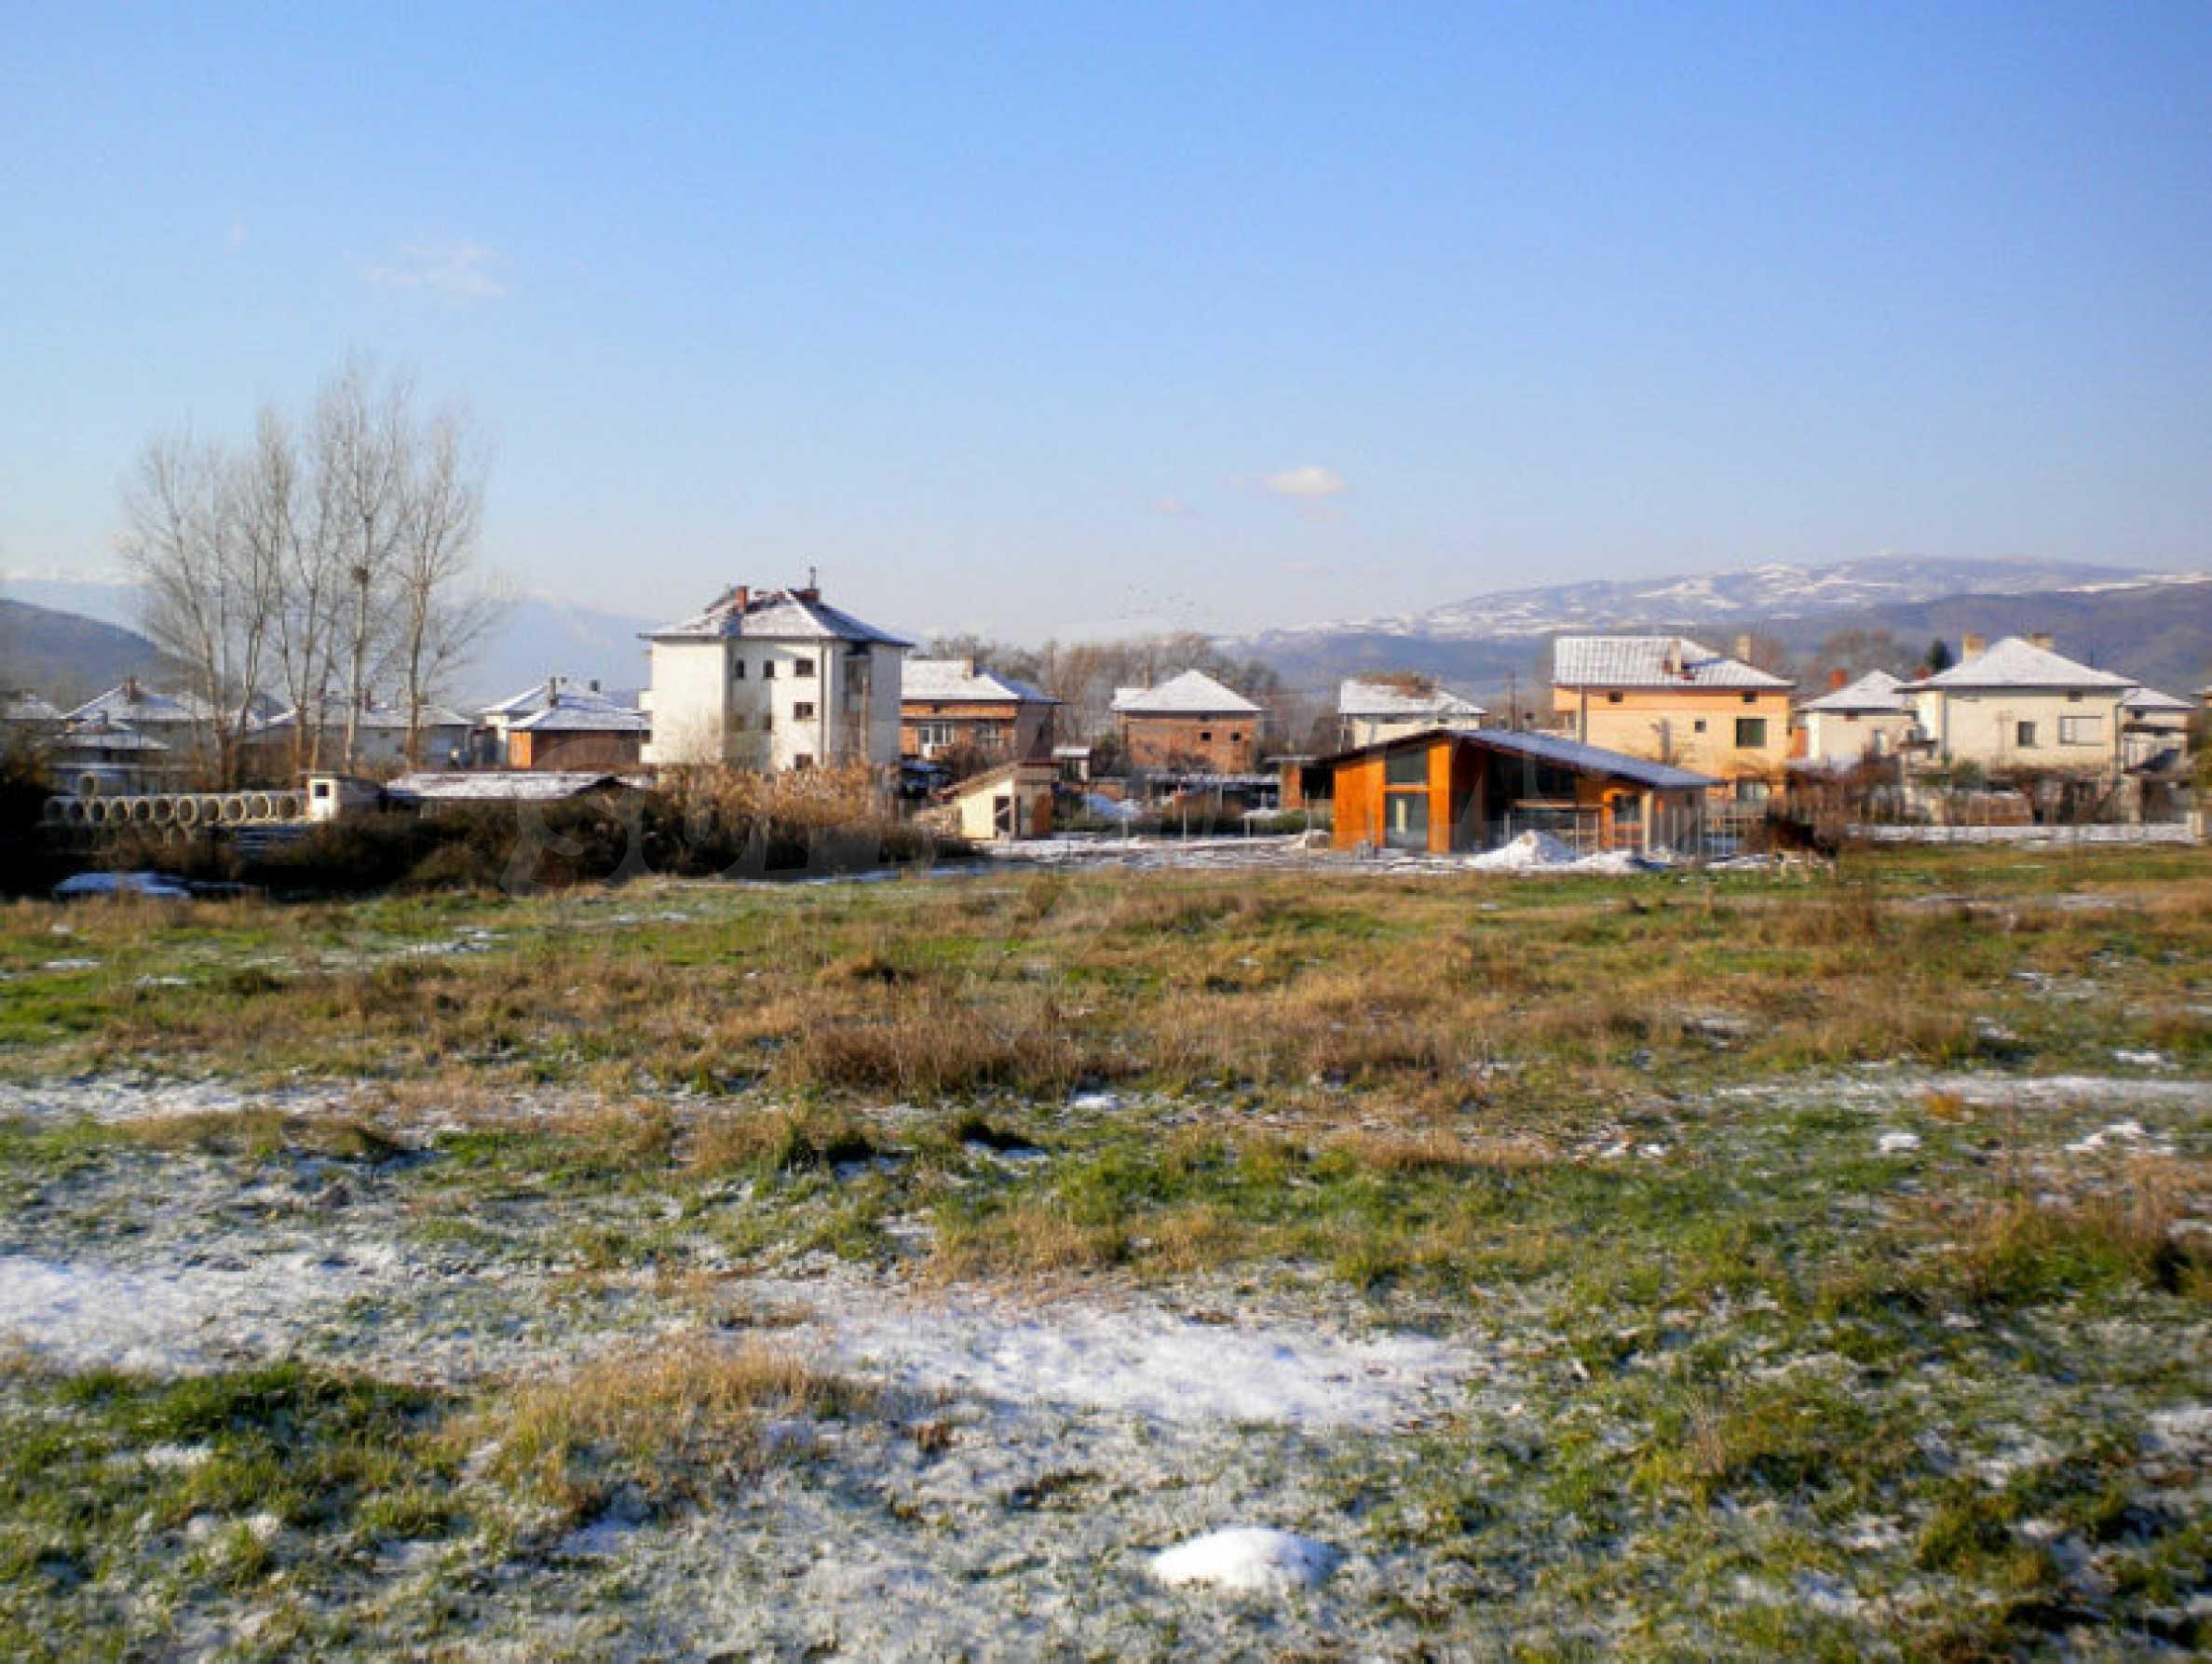 Grundstück für ein Einfamilienhaus in einem Dorf in der Nähe des Kurorts Sandanski 1